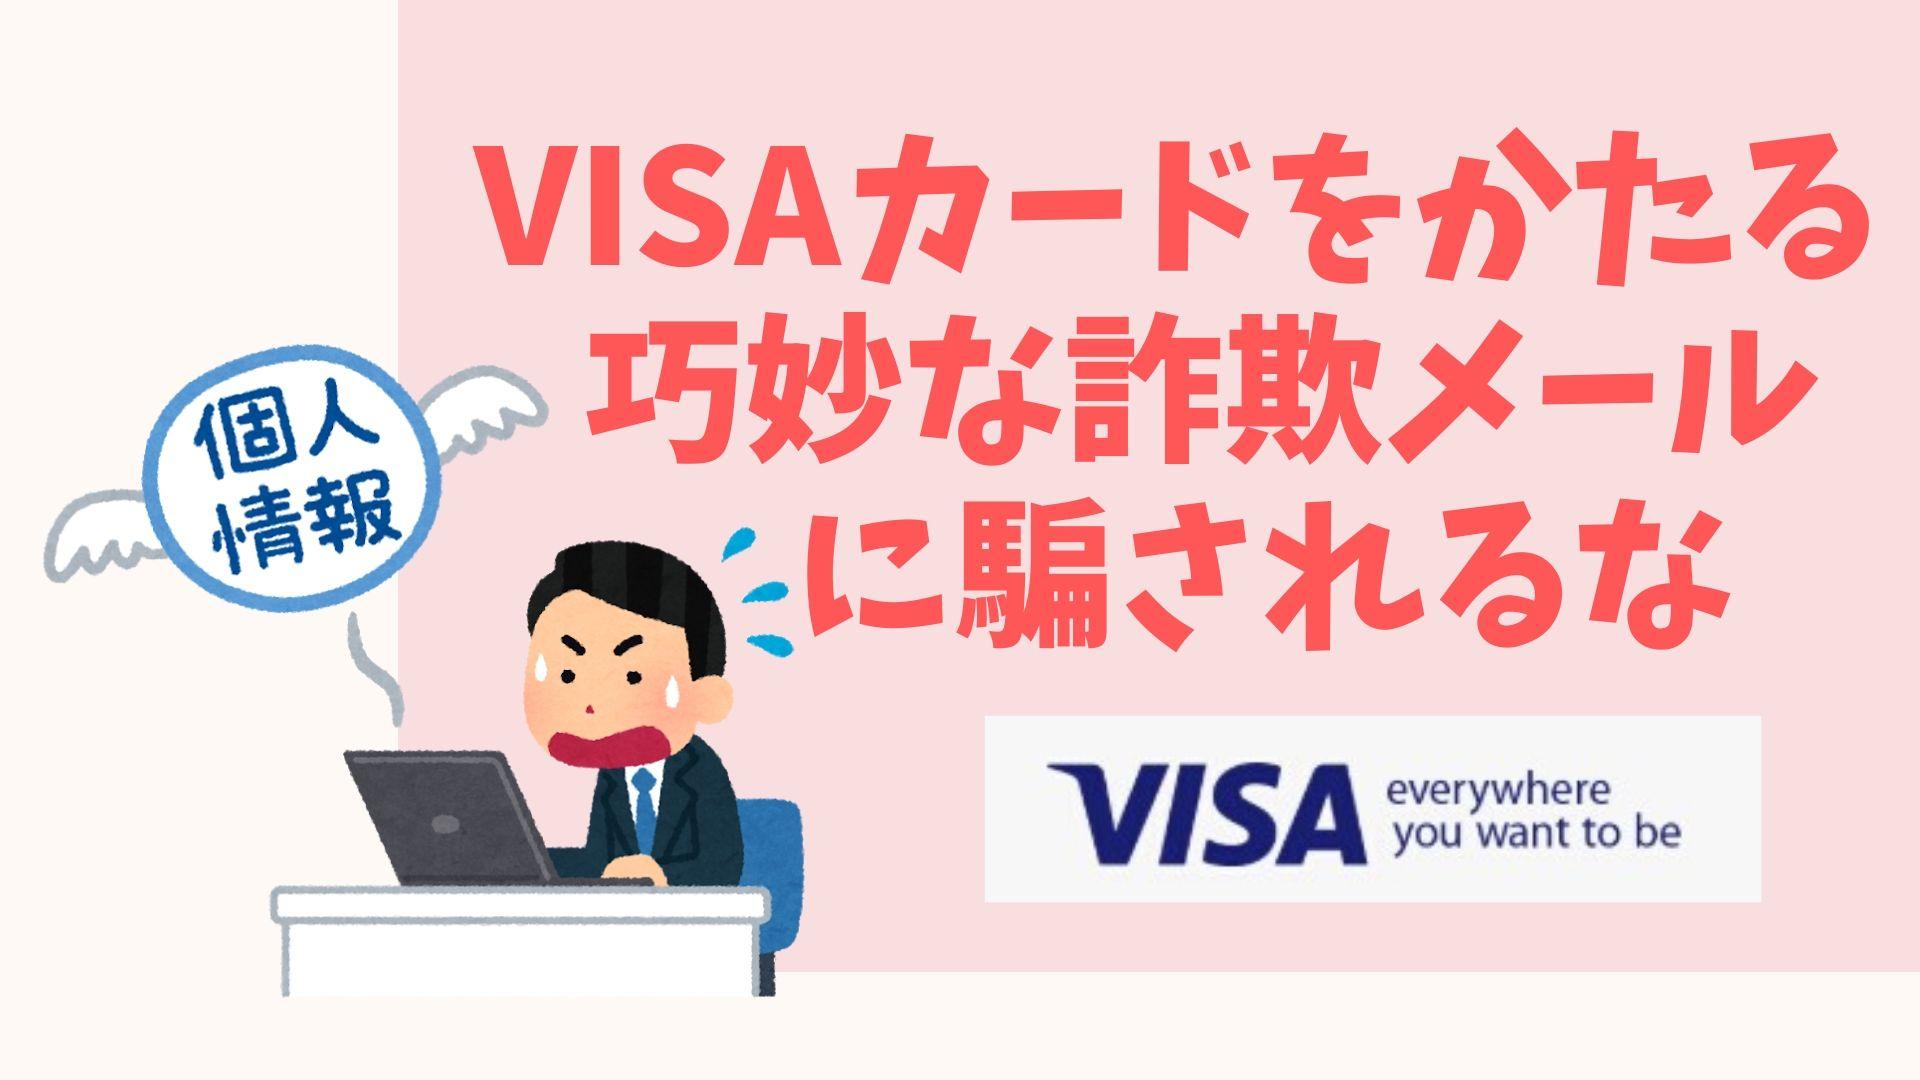 5329841f92d95e60a3dd0ab07f9064da - 【VISAカードWEBサービスご登録確認】VISAカードをかたる詐欺メールに注意!個人情報の入力は絶対ダメ!